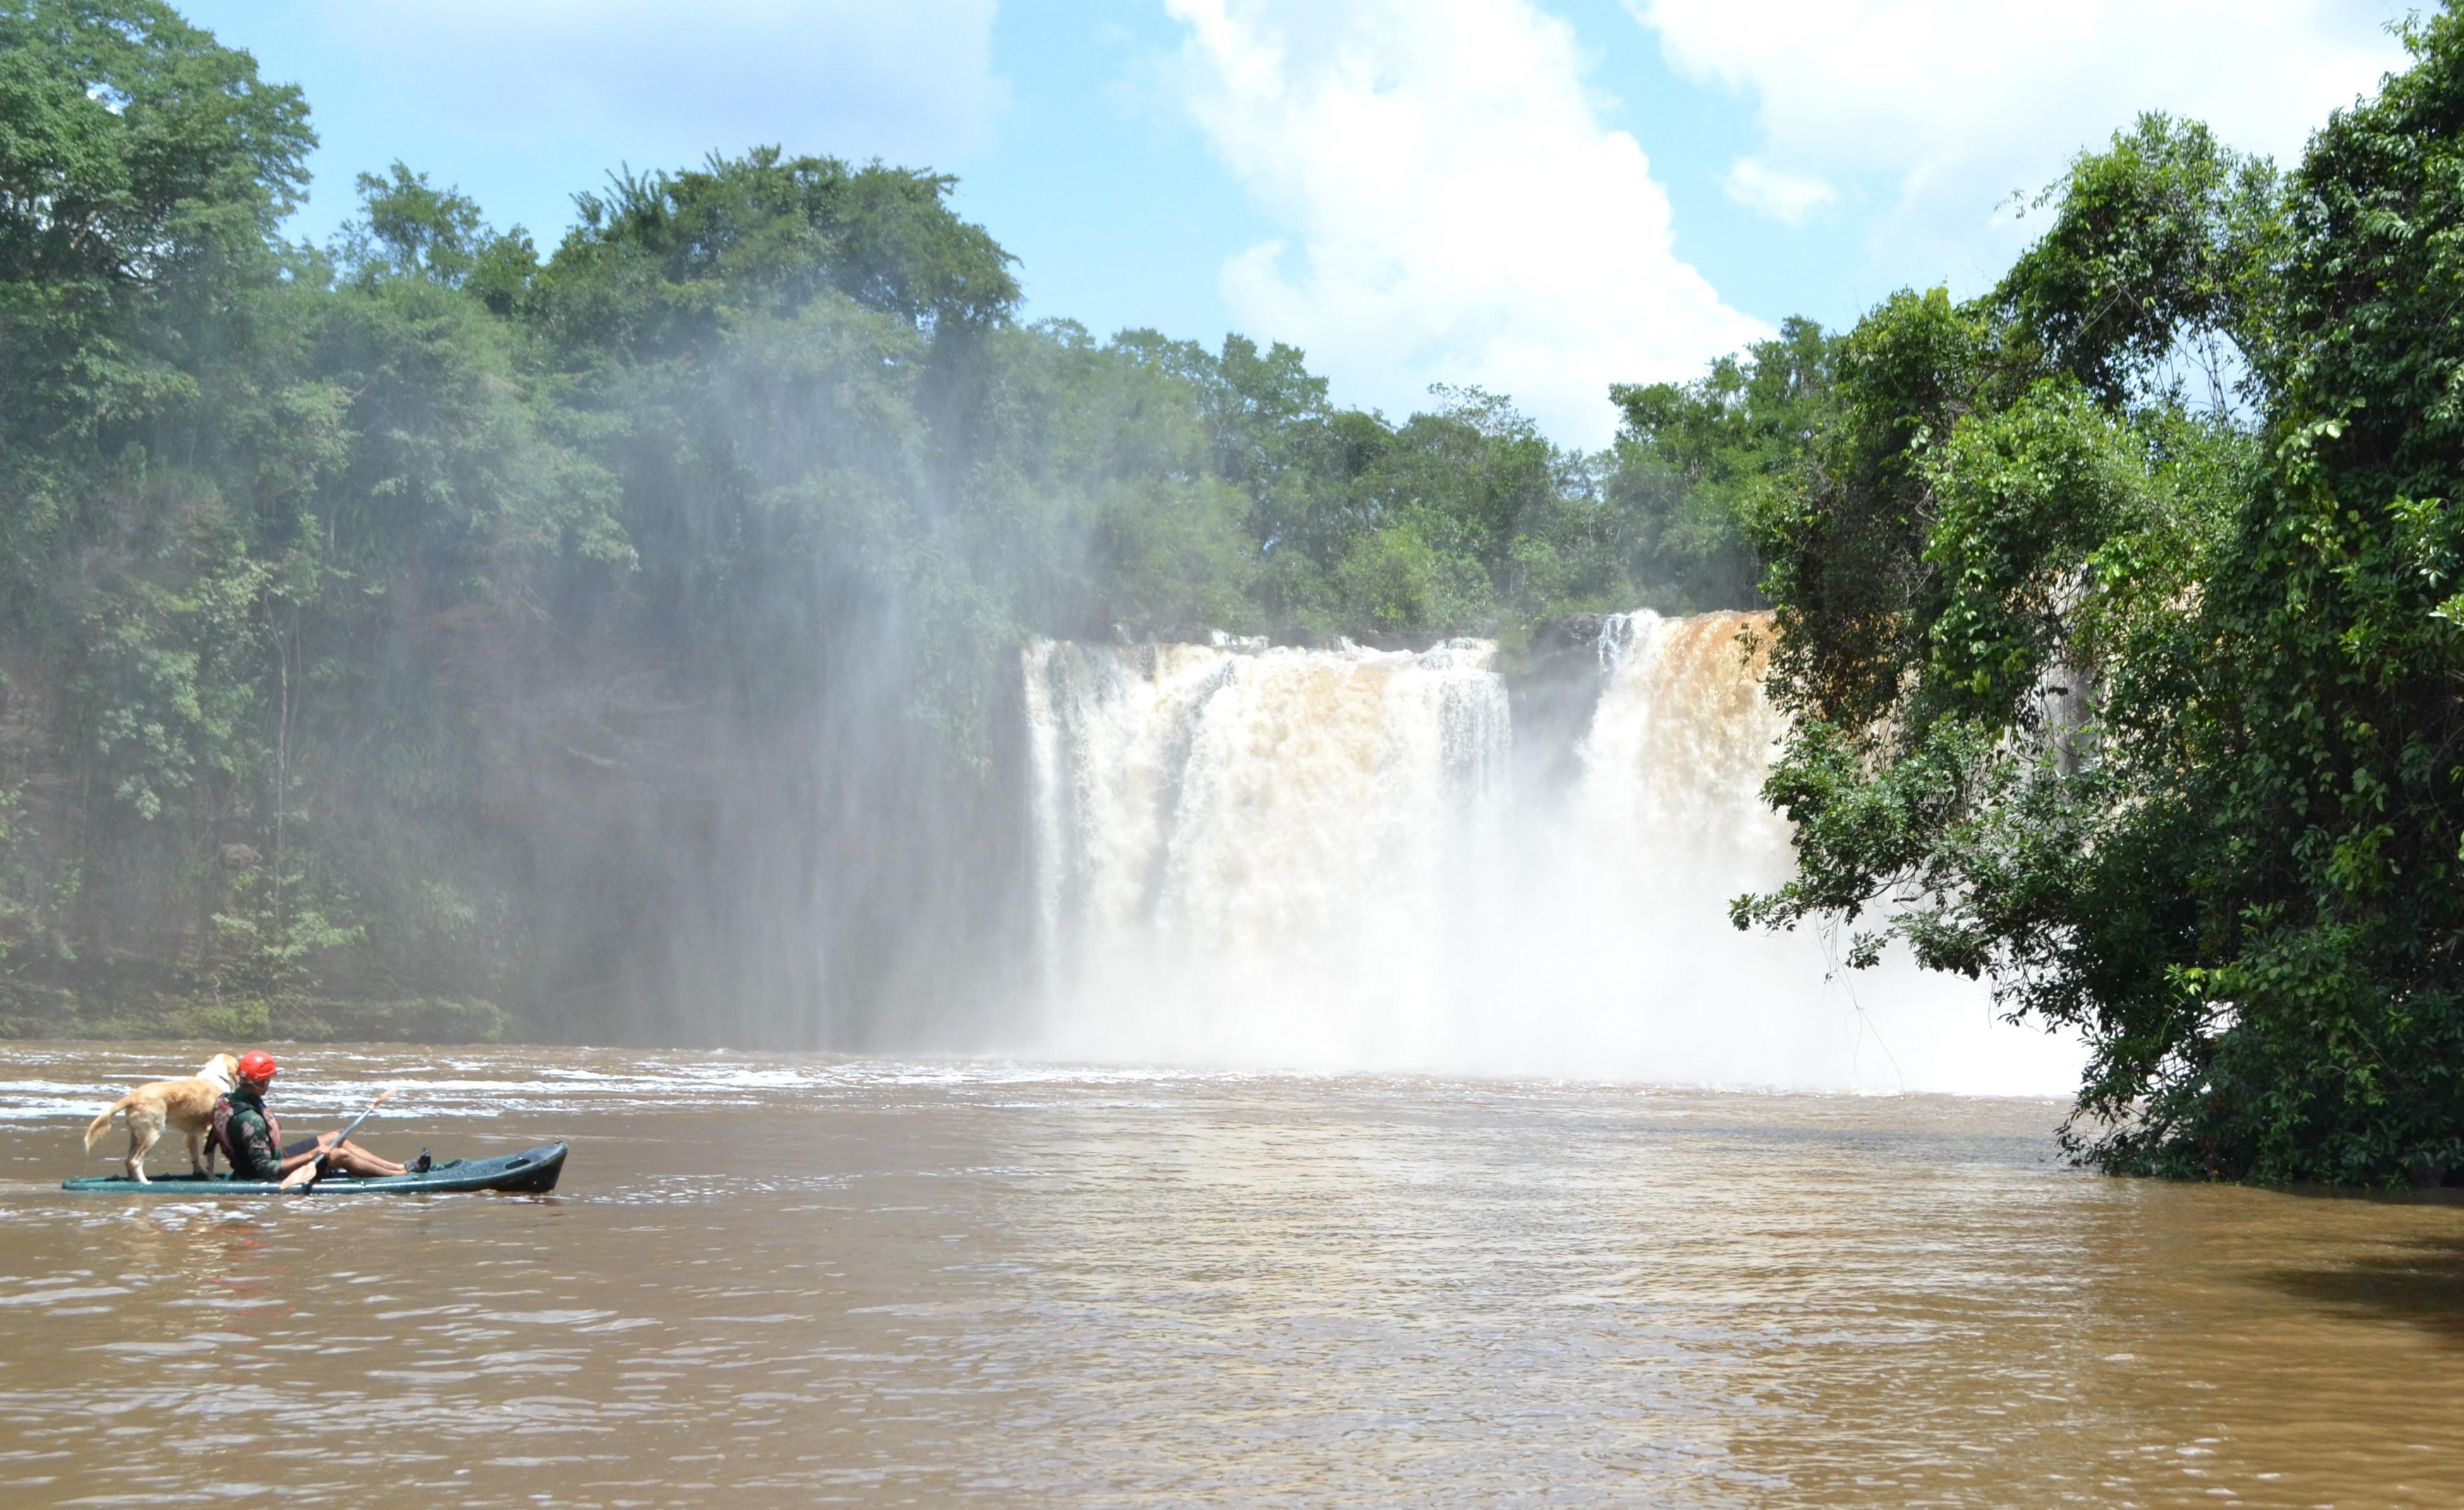 Cachoeira de São Romão: o cachorro Nick adora pegar carona no caiaque dos turistas